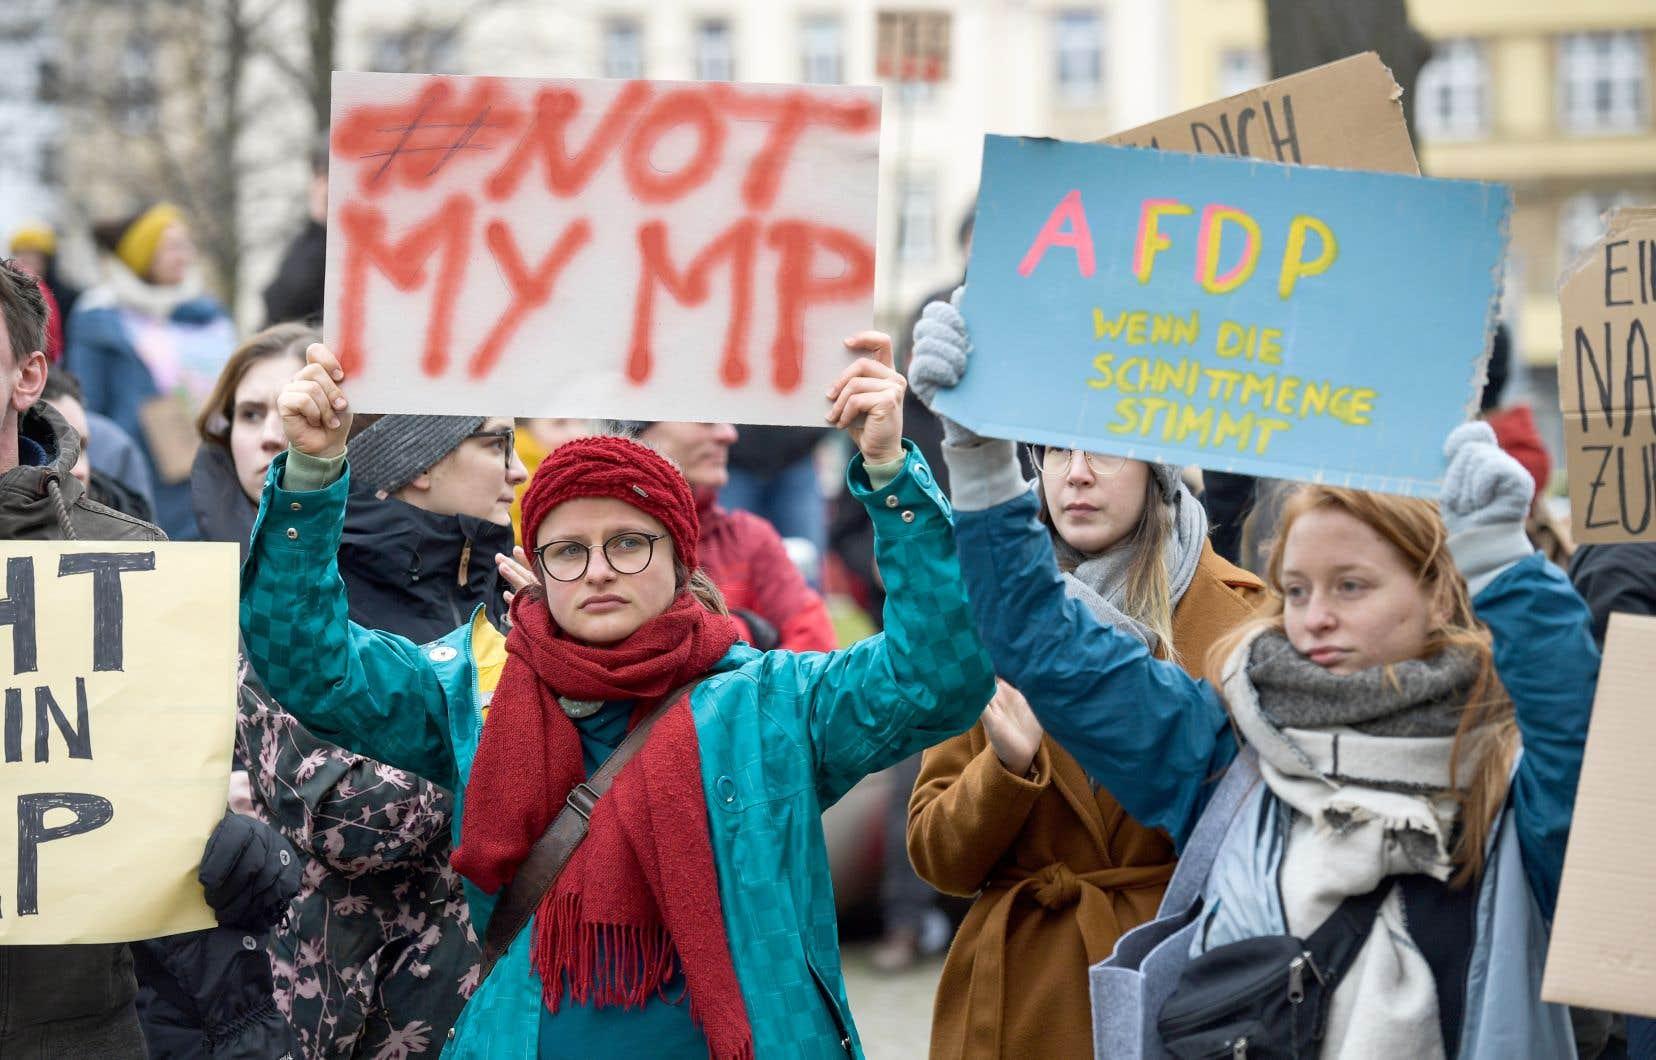 L'alliance entre la droite et l'extrême droite en Thuringe a provoqué des mouvements de protestation dans plusieurs villes en Allemagne, notamment à Erfurt, dans l'est du pays.